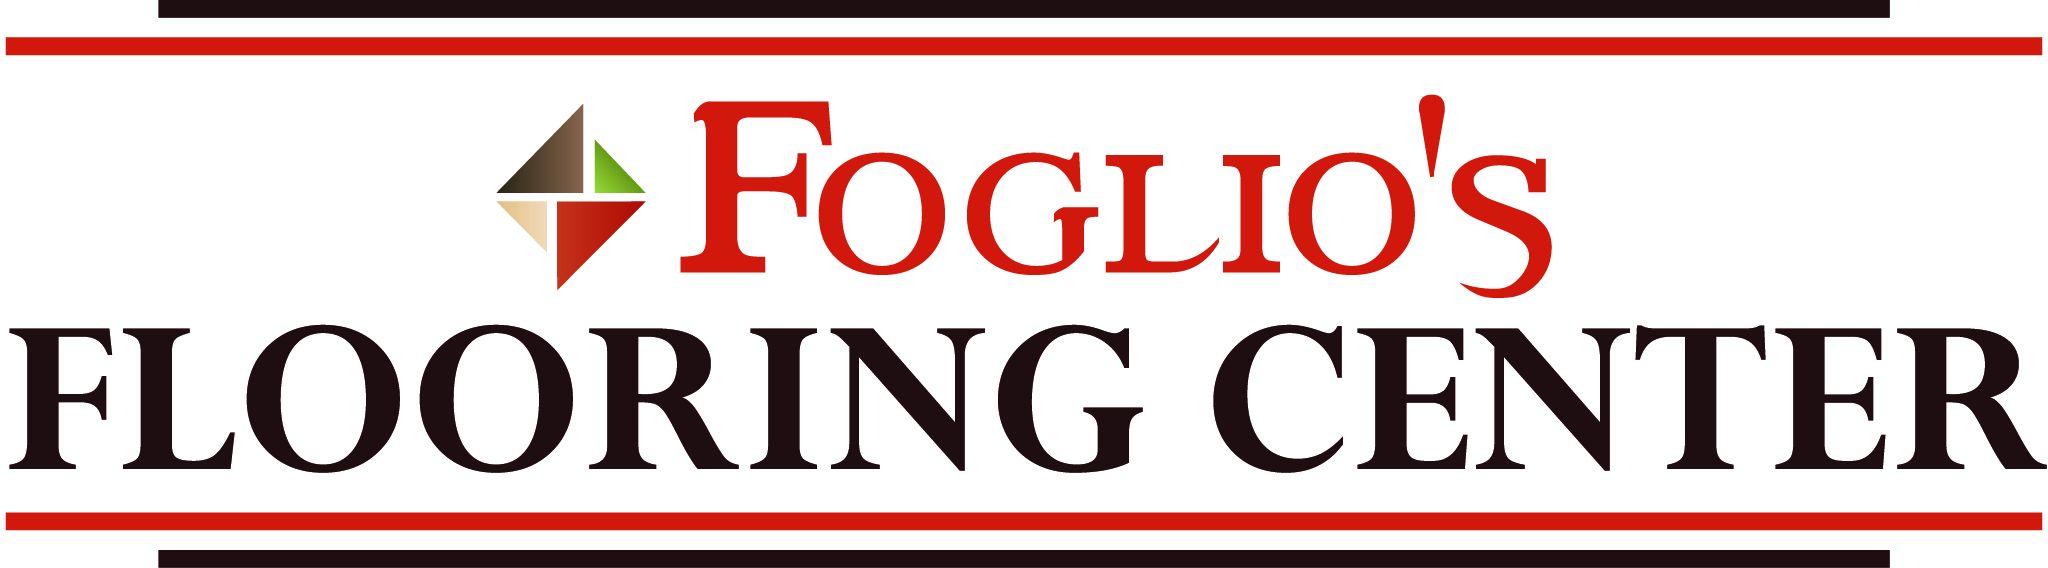 Foglio's Flooring Center